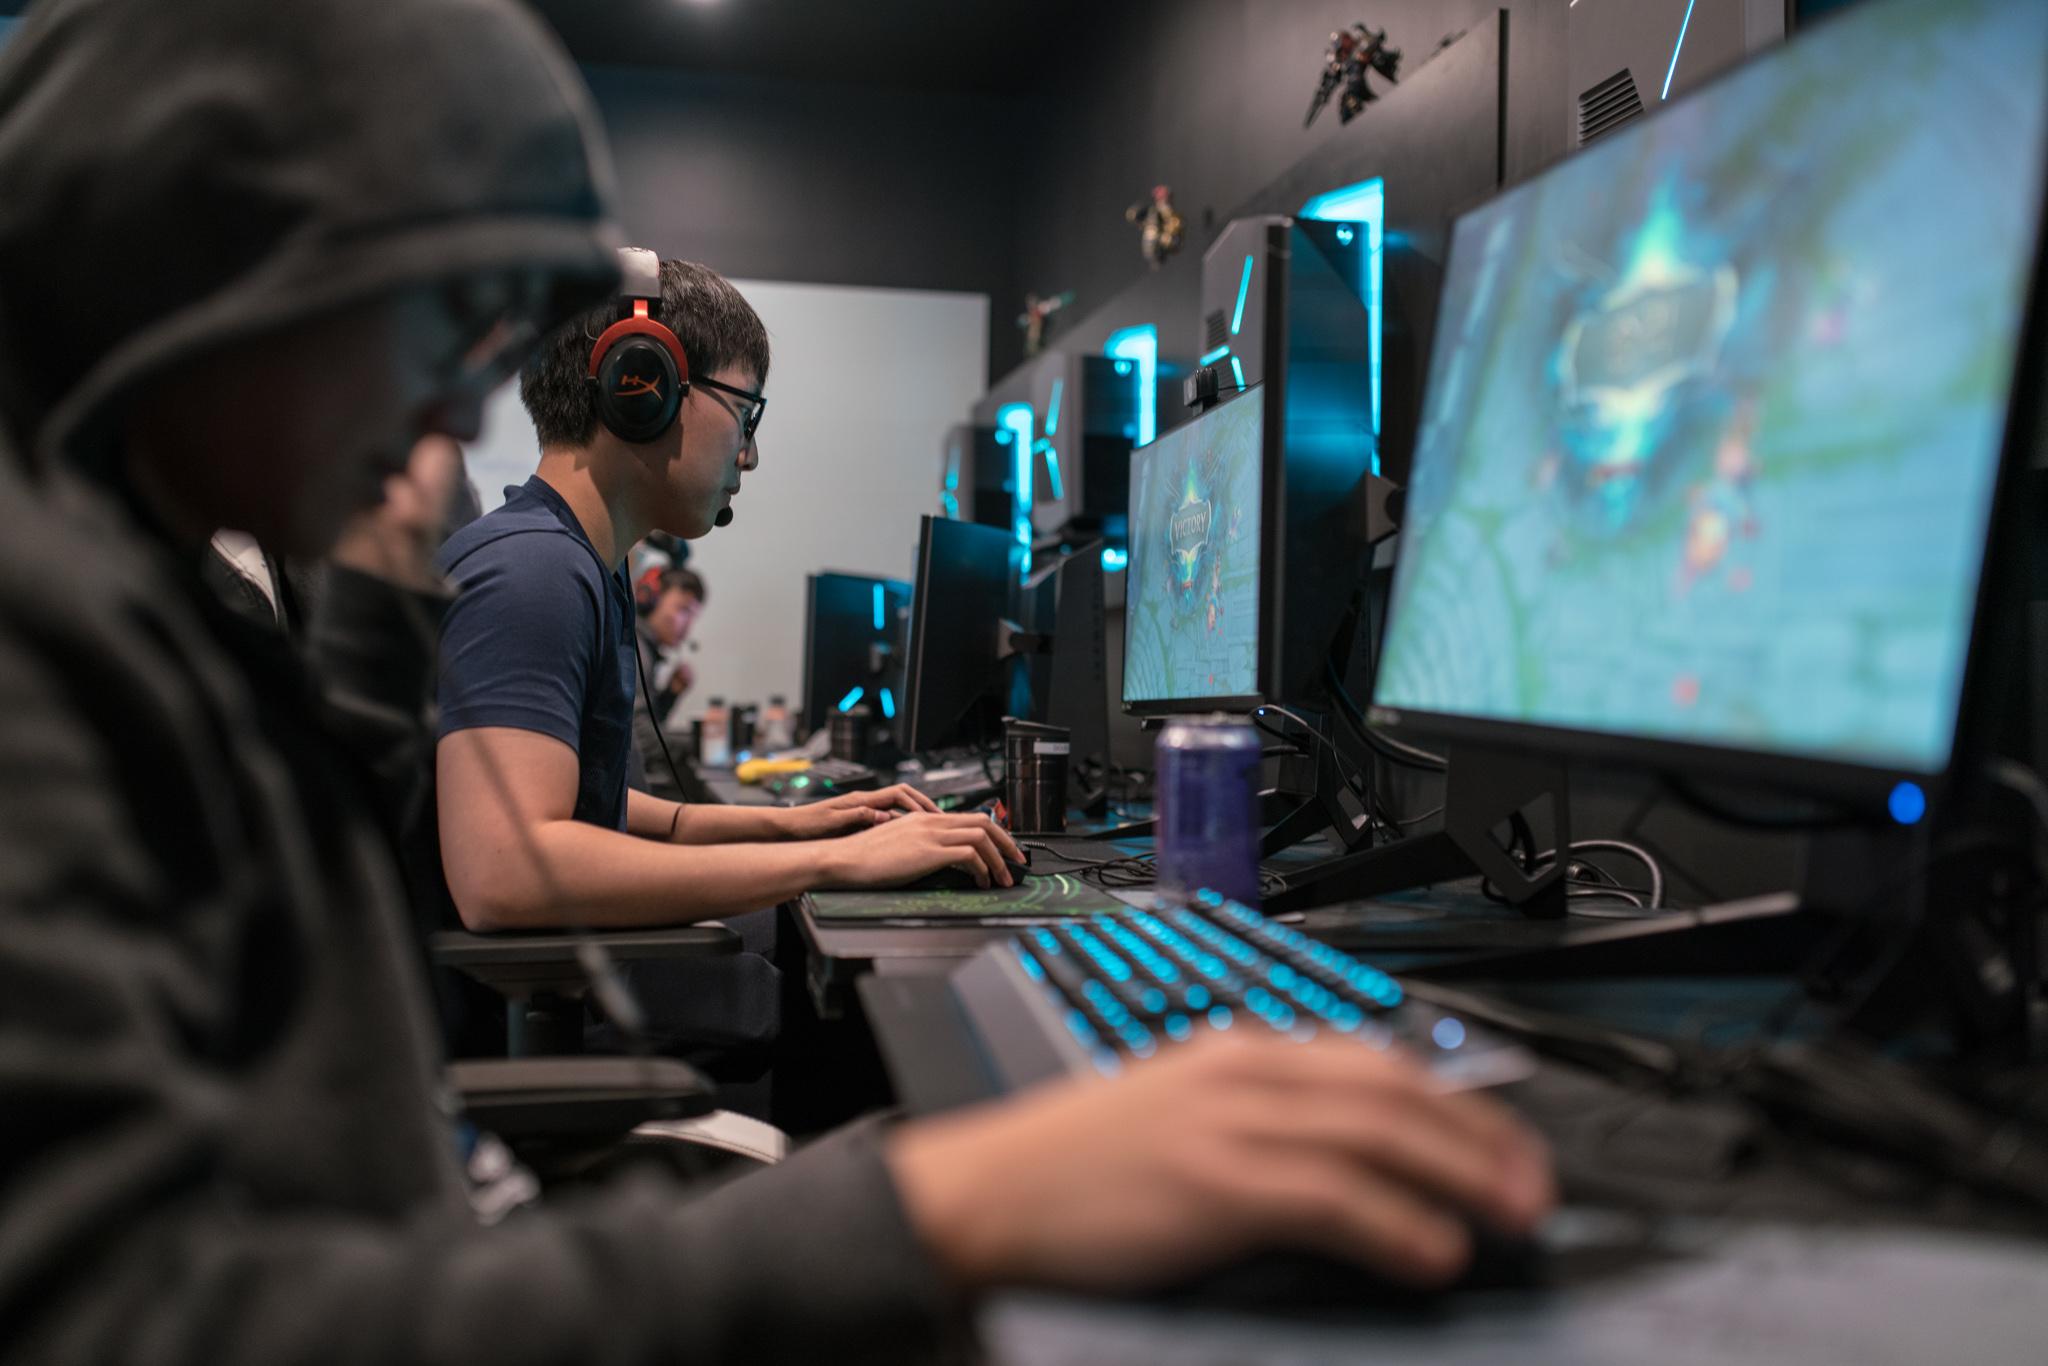 Польза компьютерных игр в современном обществе